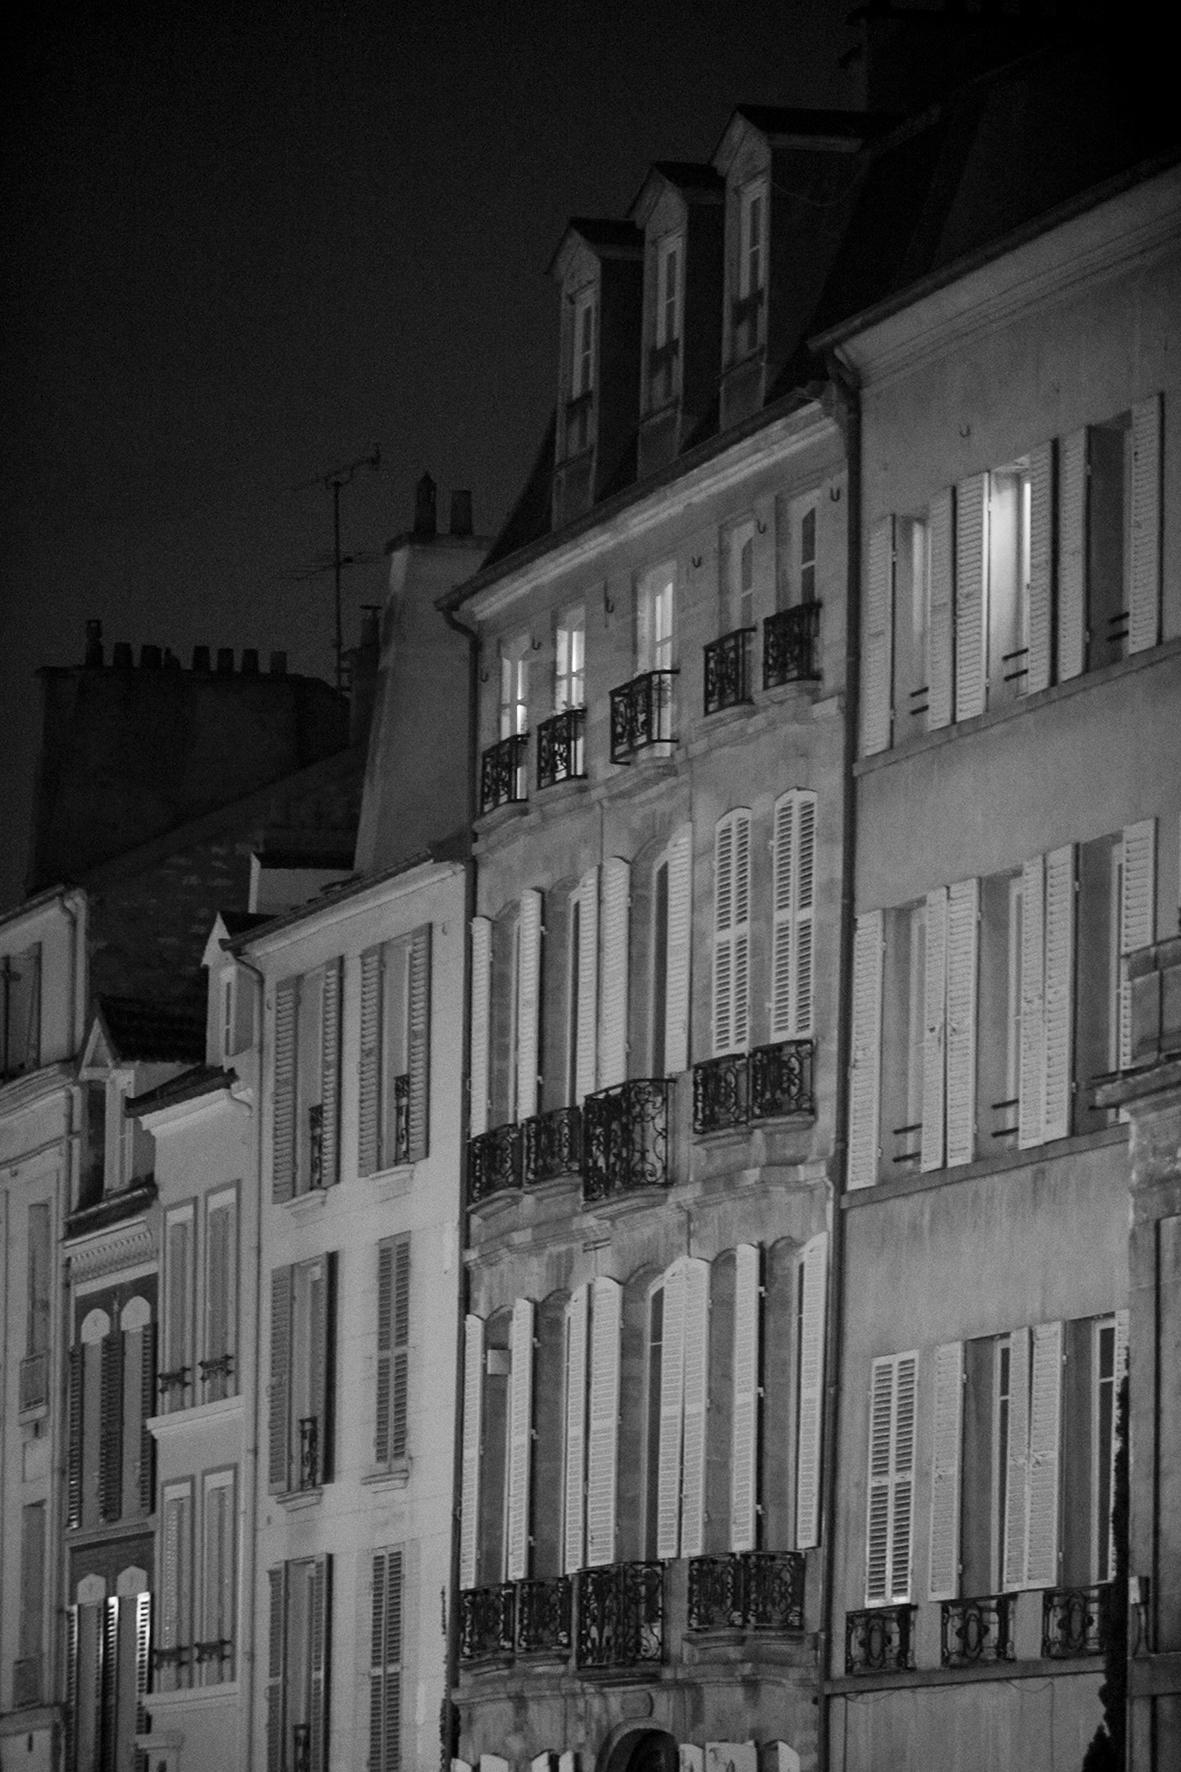 Photographe : lumière ou obscurité n°17